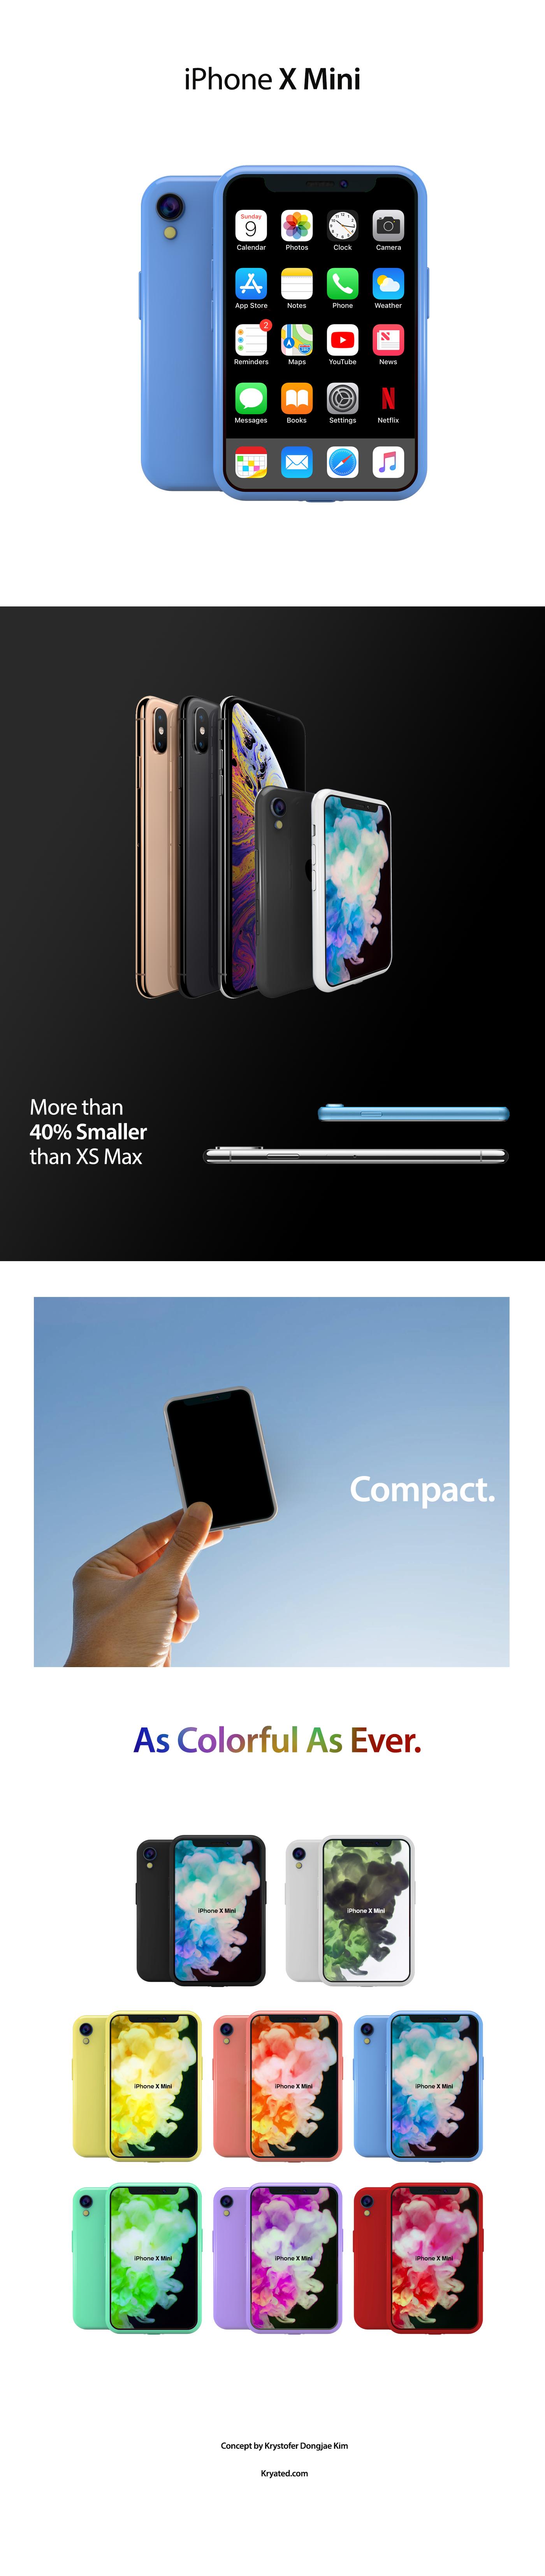 iPhone X Mini concept